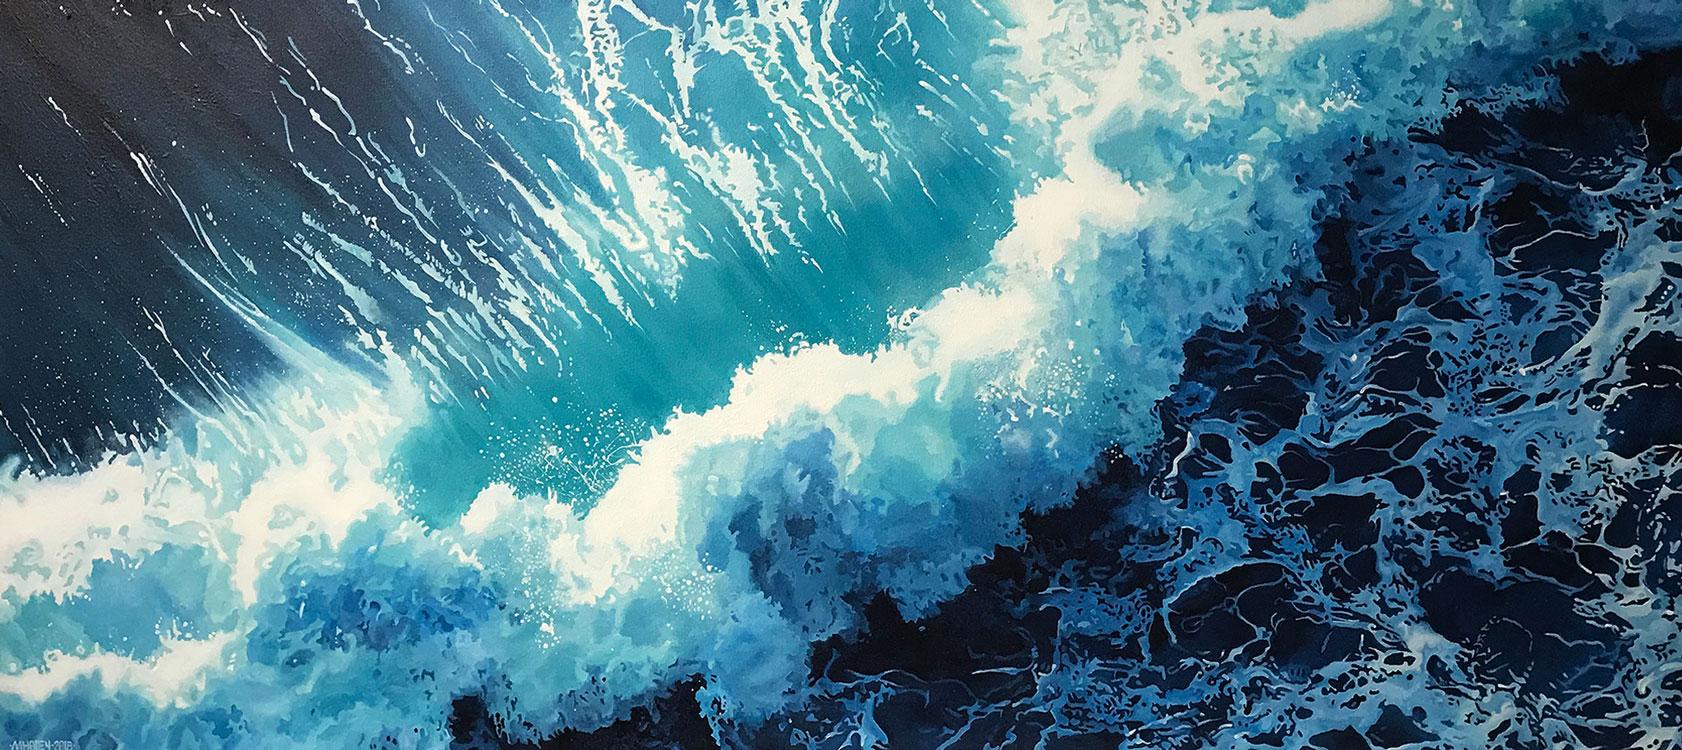 TripleH Painting Crashing Wave